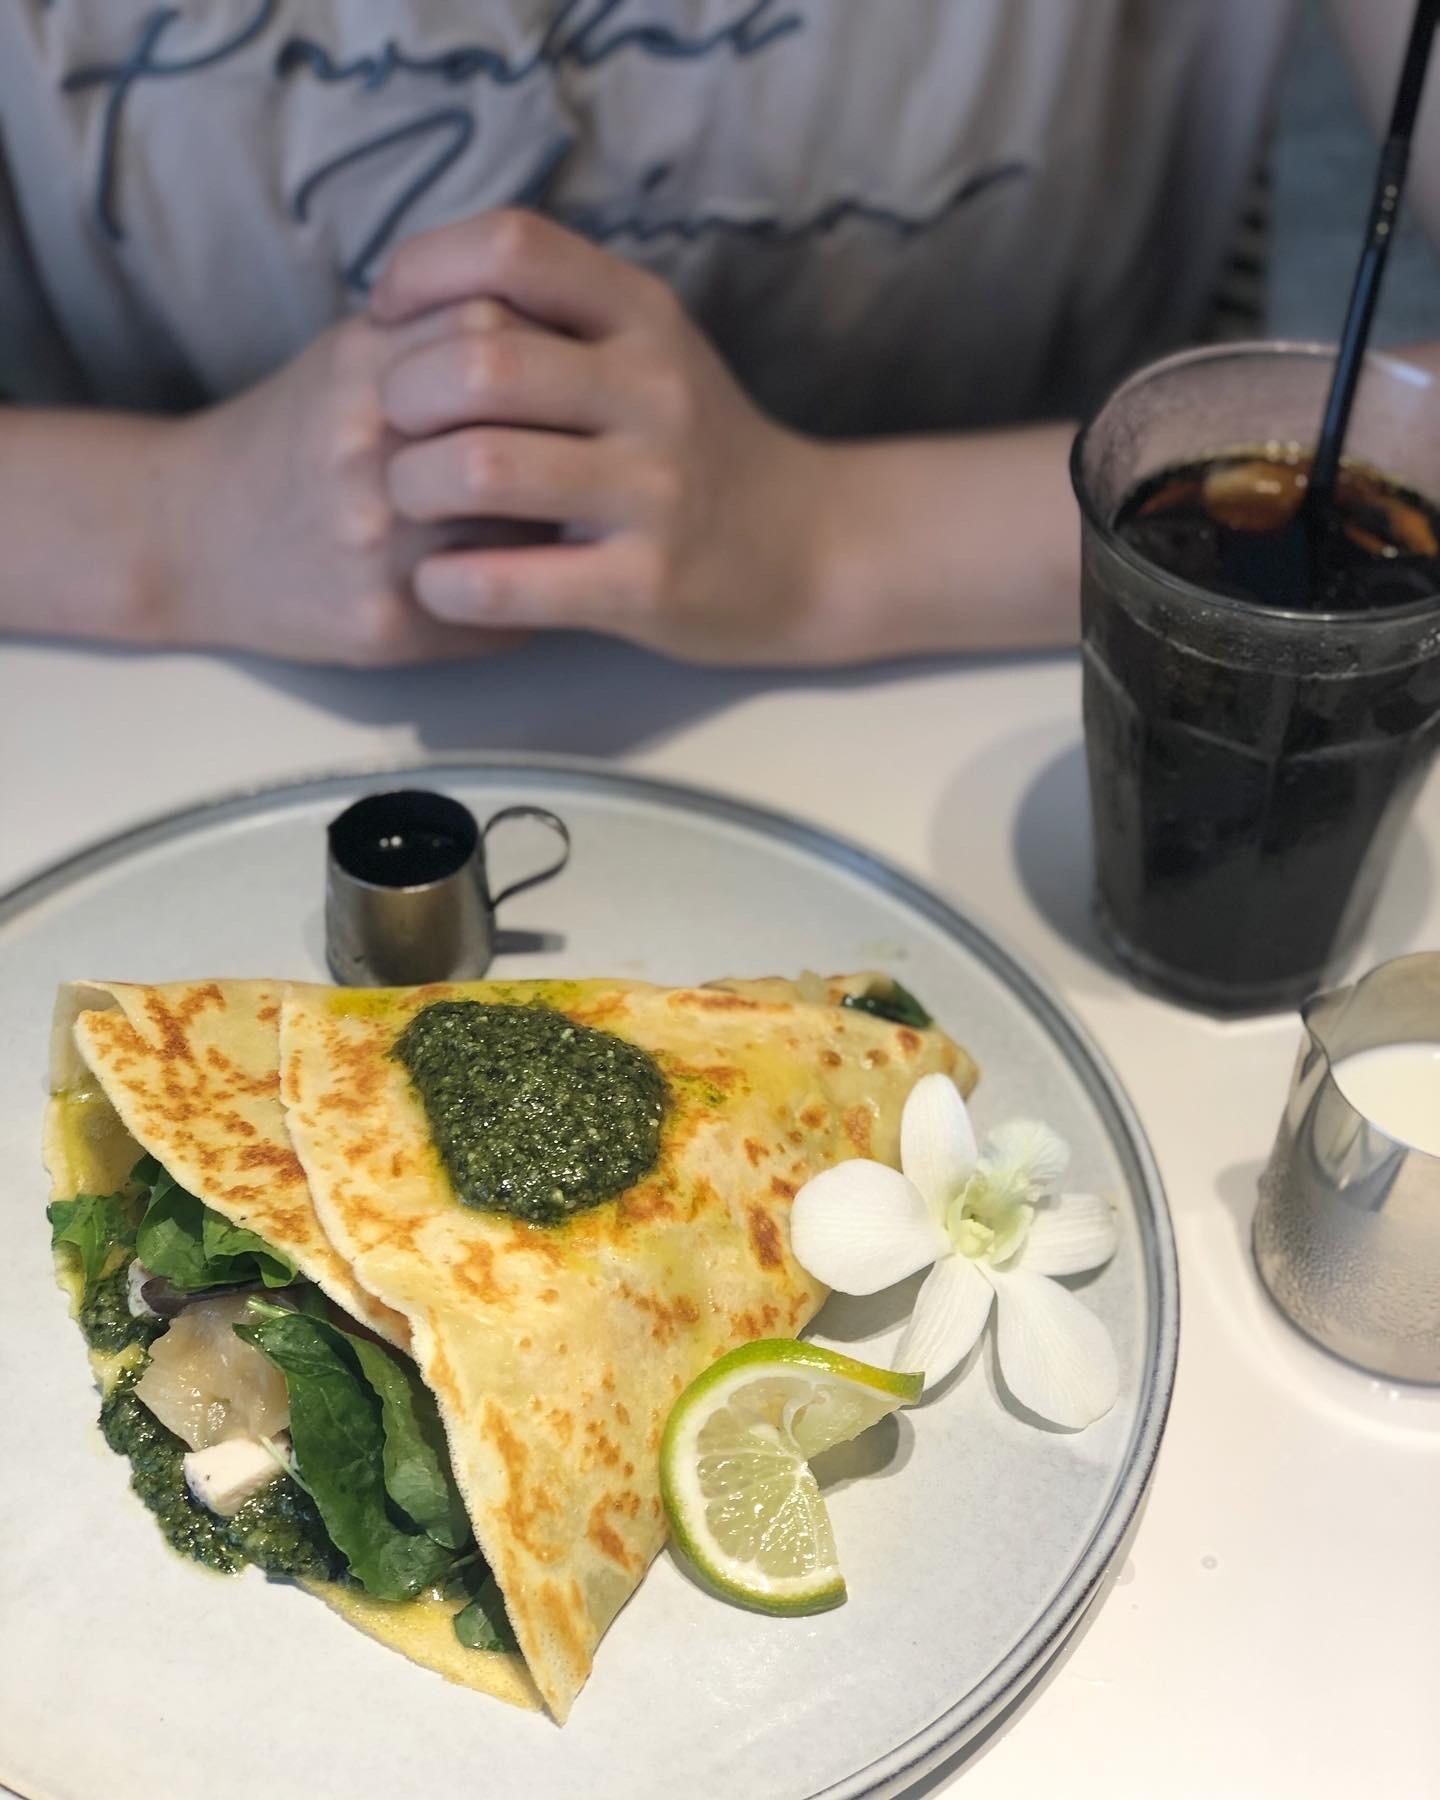 もっちり生地が美味♡日本1号店「Crepes No Ka \'Oi TOKYO (クレープ ノカオイ トウキョウ)」に行ってきました_a0157409_11463535.jpeg